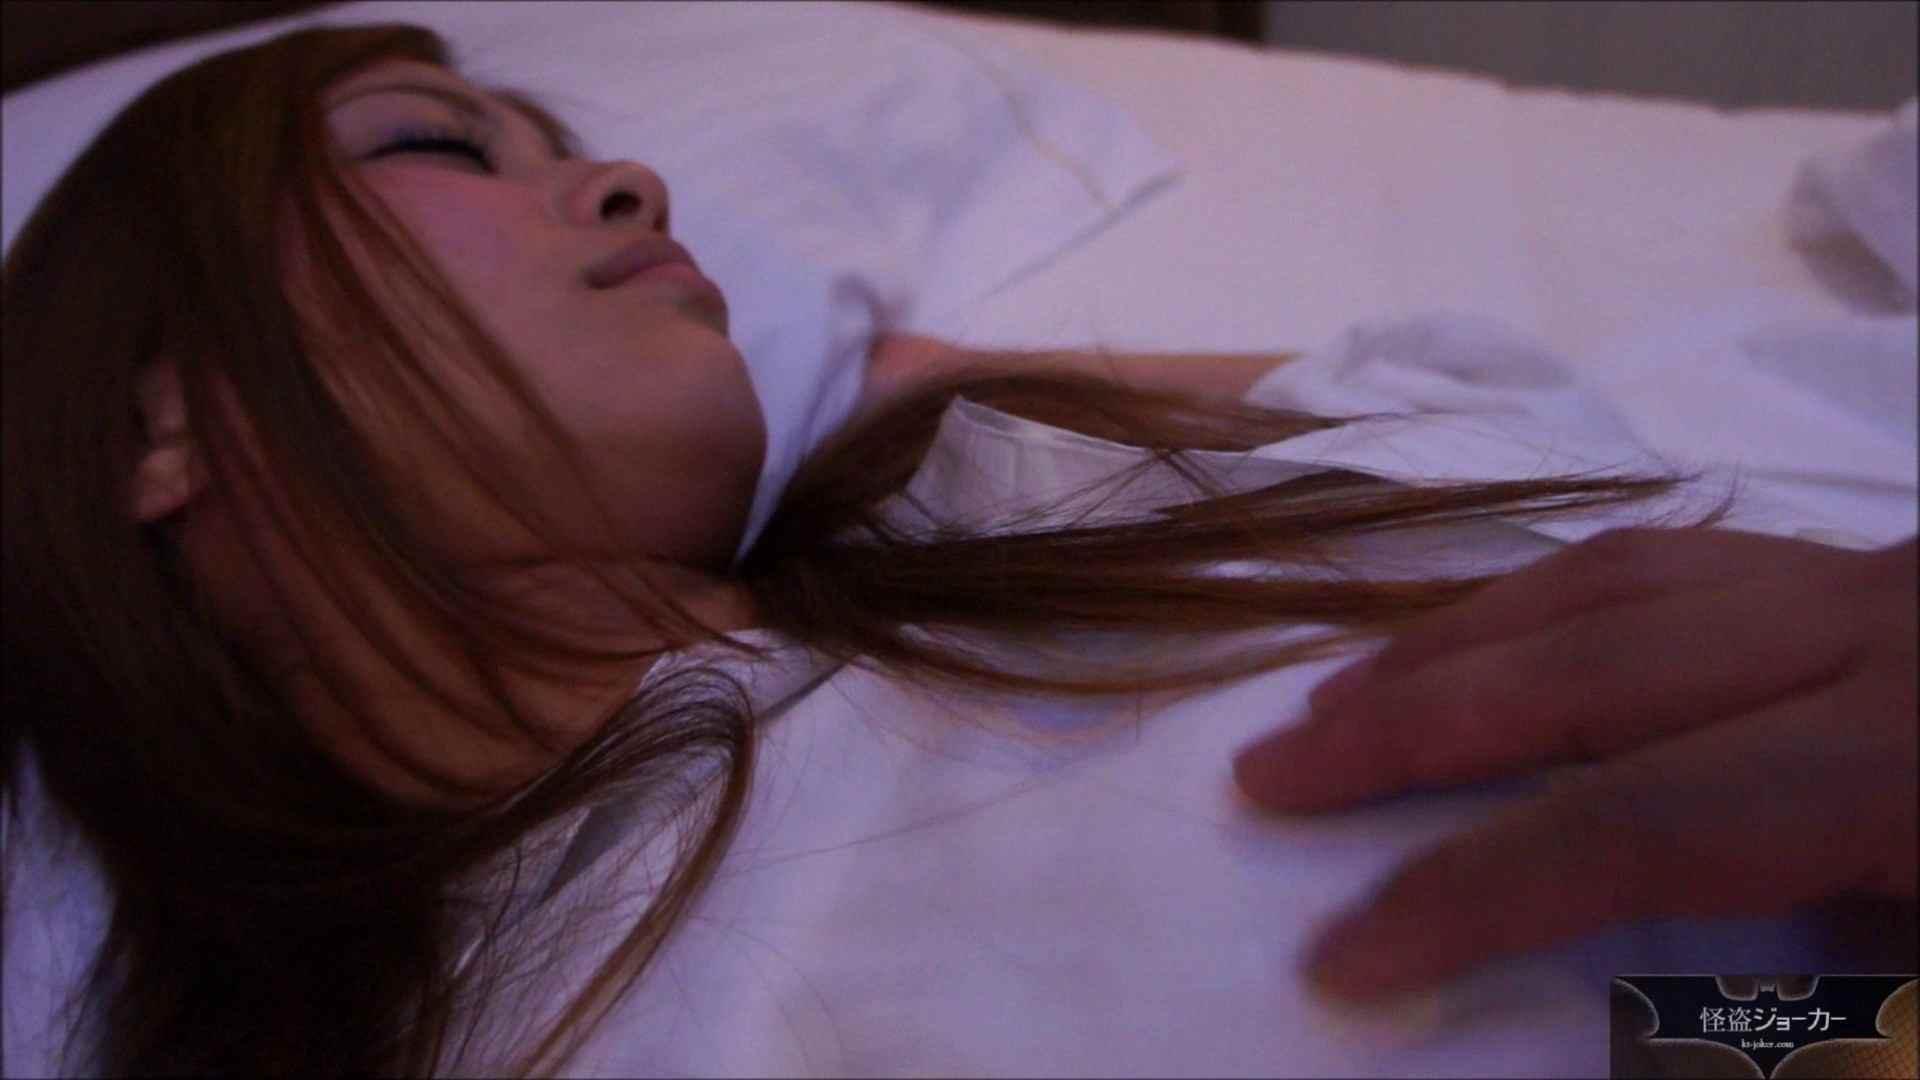 【未公開】vol.13 セレブ美魔女・ユキさんと初めて会った日。 いやらしいOL  21連発 10